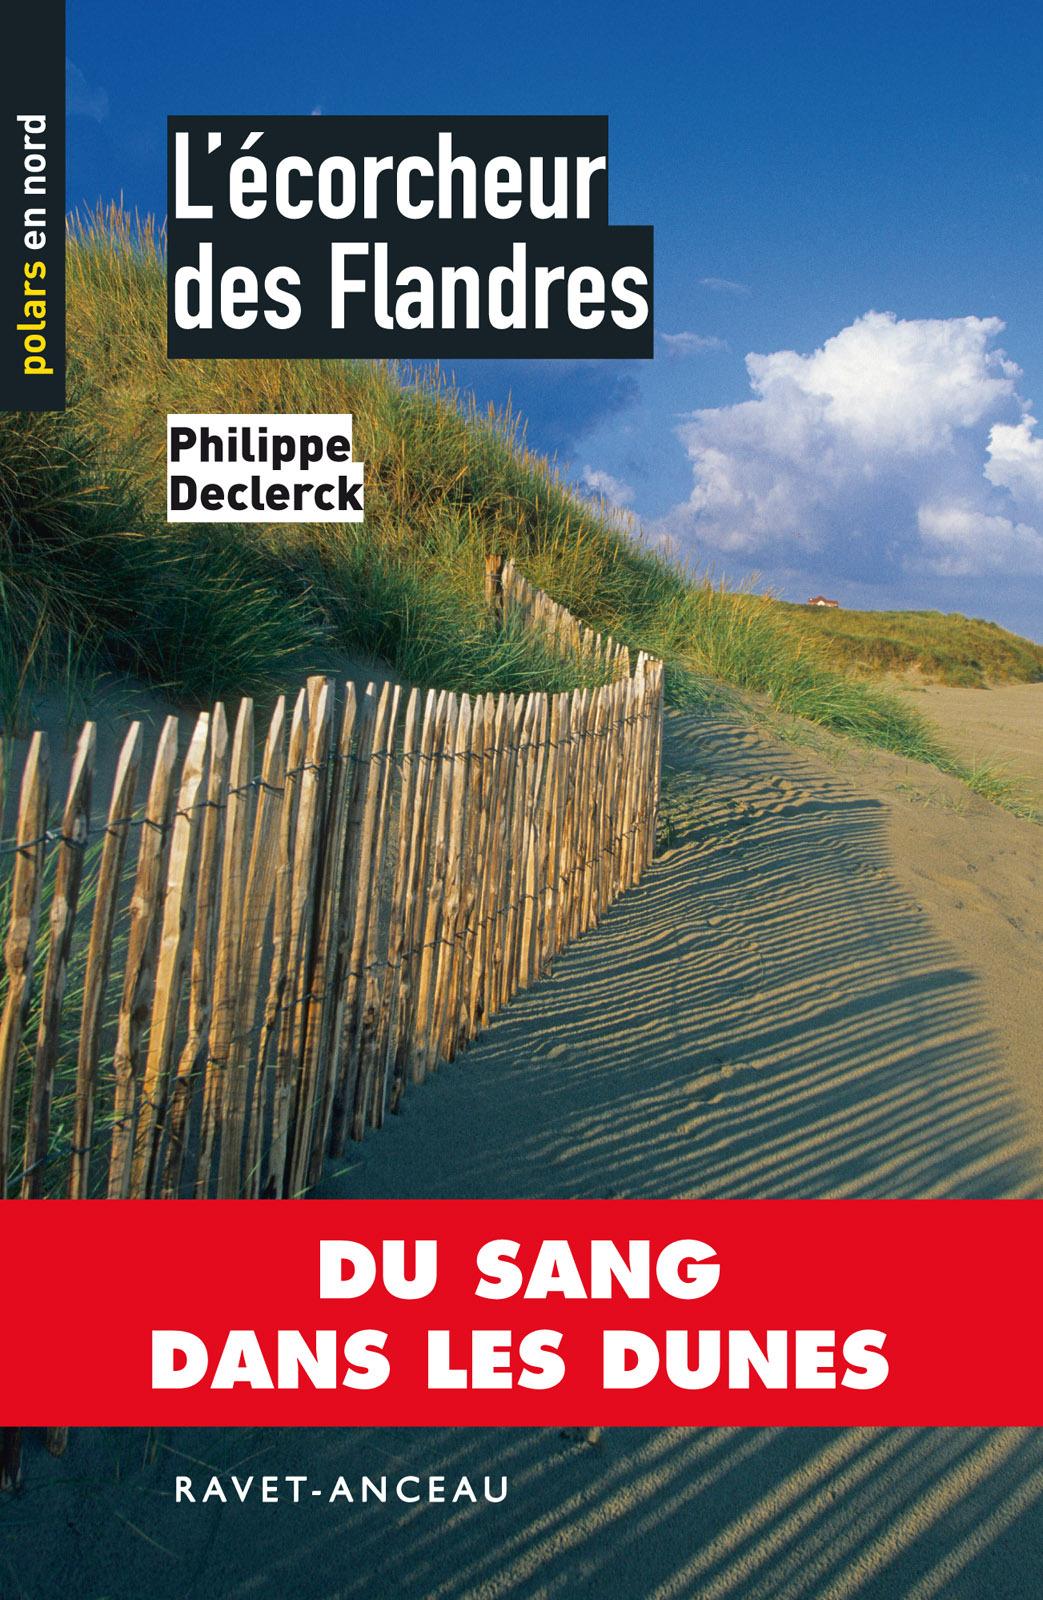 L'ECORCHEUR DES FLANDRES